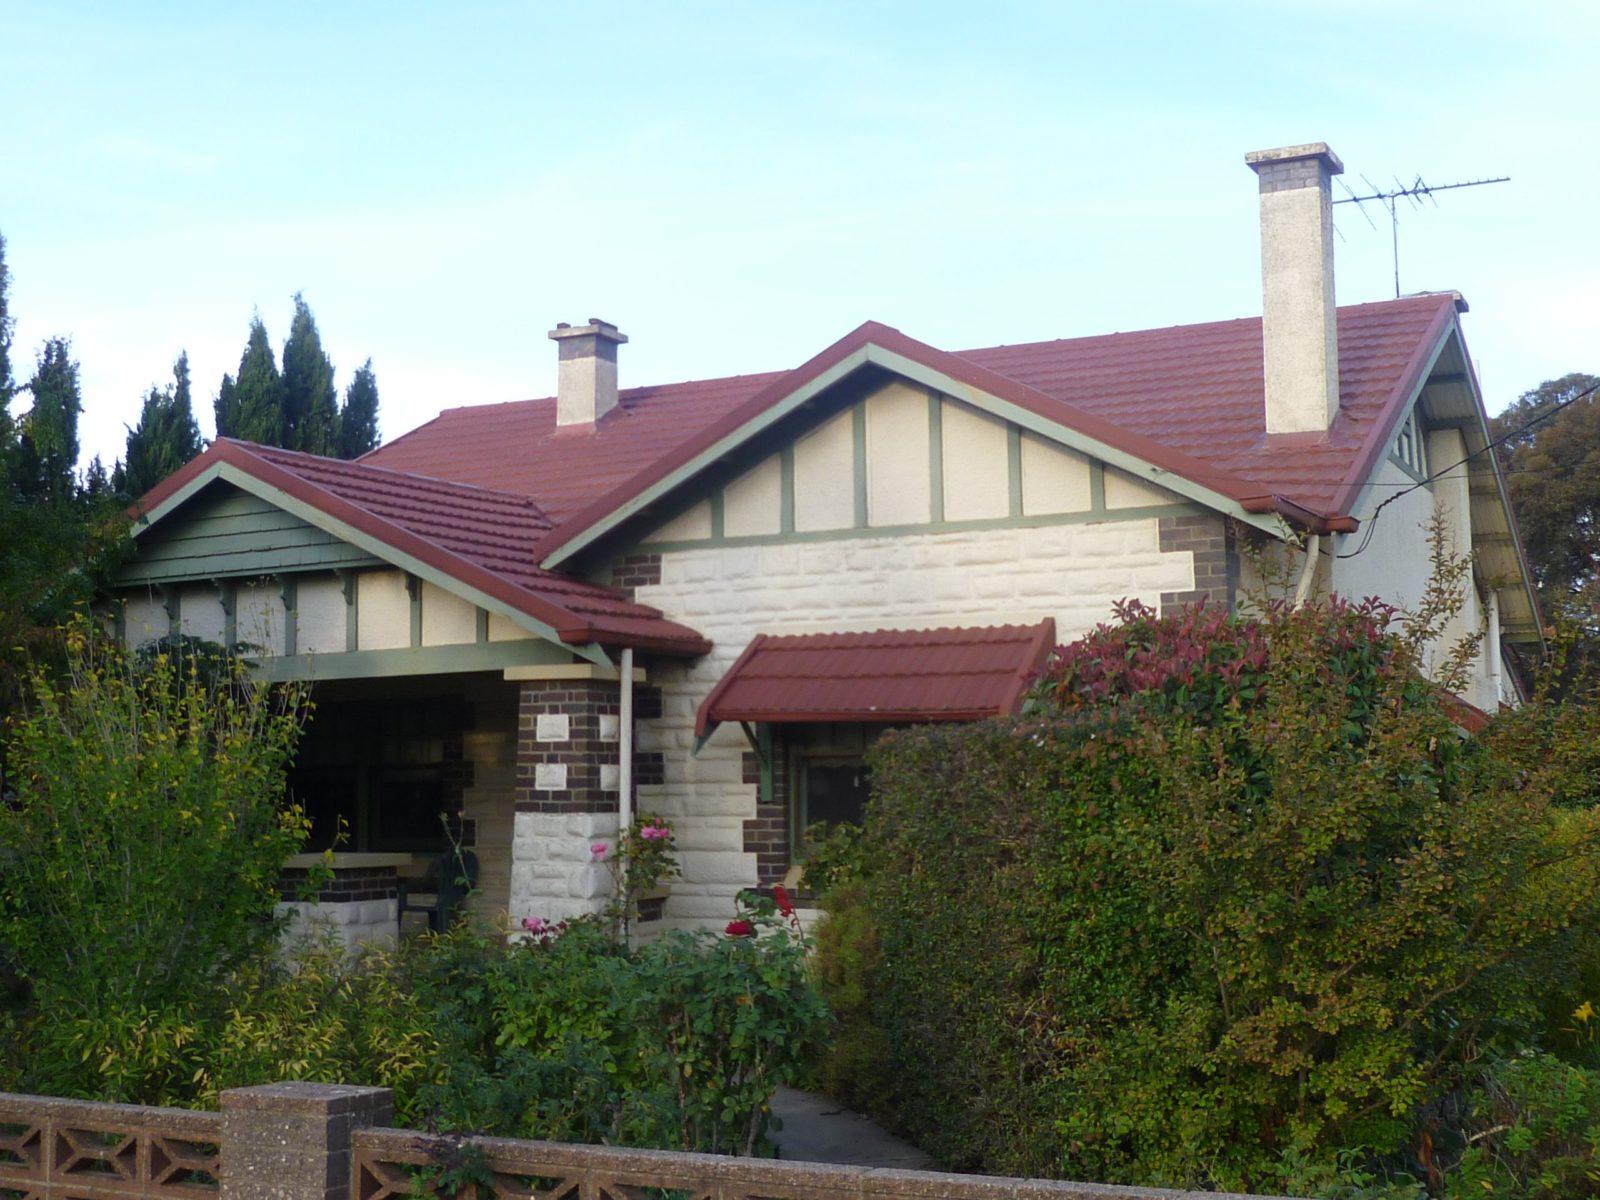 Light Pass House street view